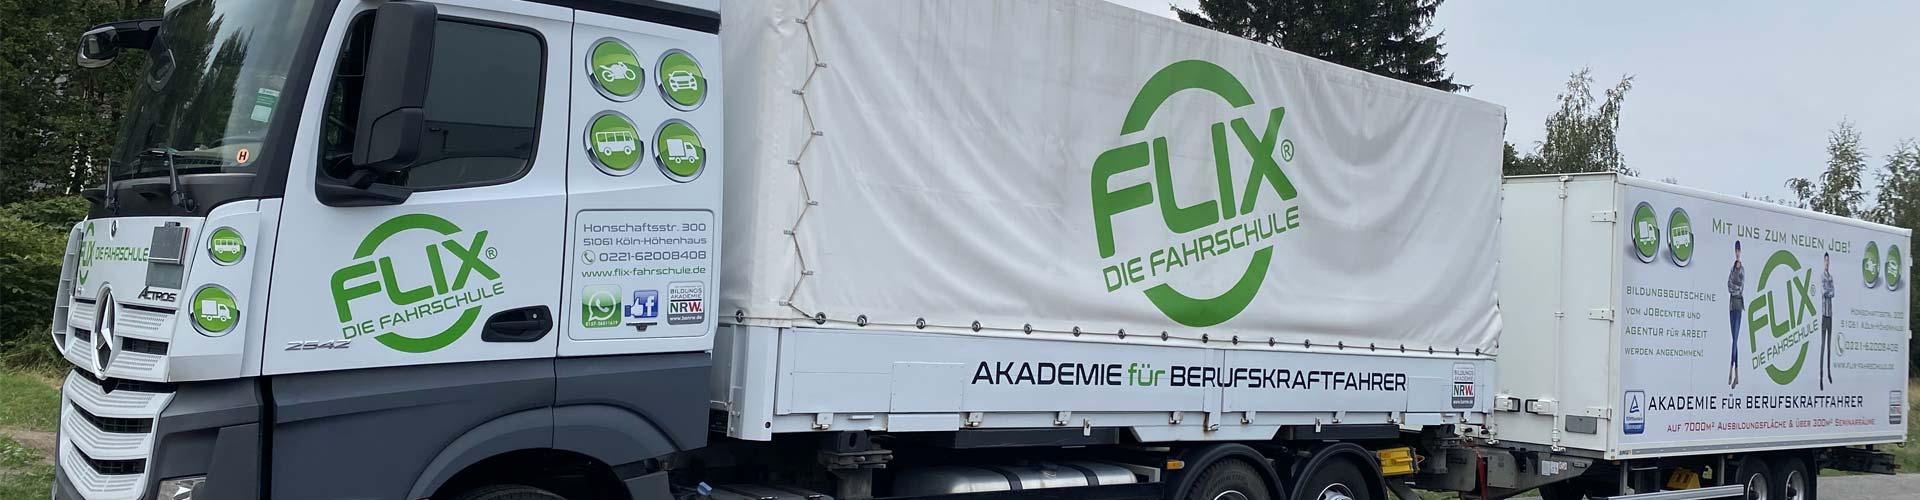 Flix die Fahrschule, Flix Fahrschule, Übungsfläche für LKW, Übungsfläche für Busse, Übungsfläche für Berufskraftfahrer